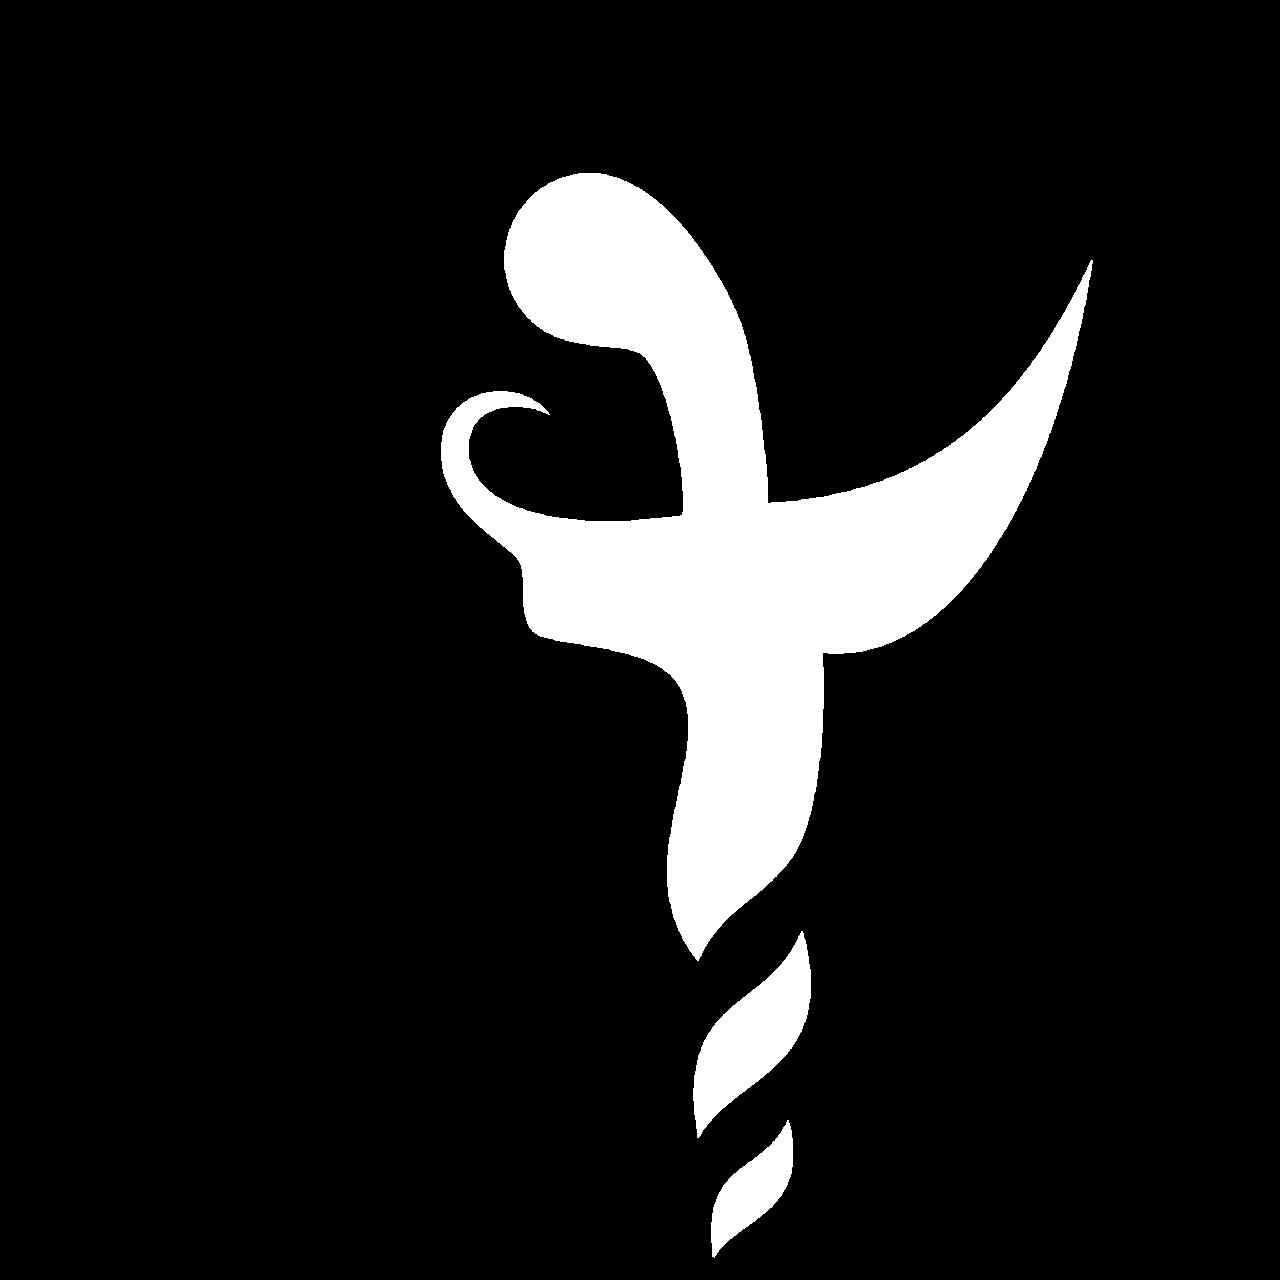 Logo Javawebster Keris Terang 1280px